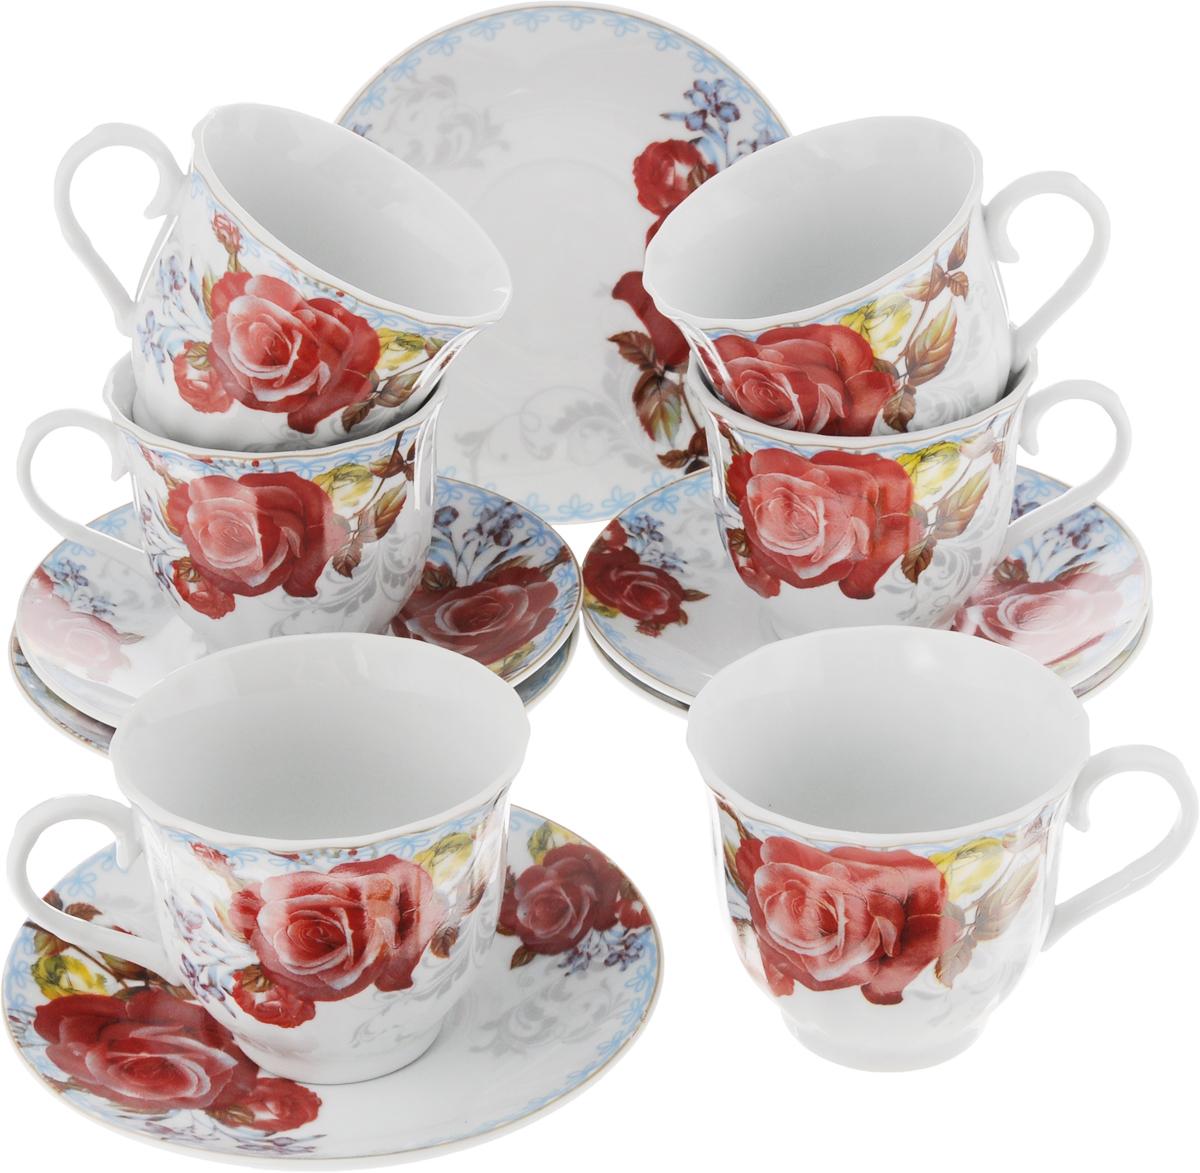 Набор чайный Bella, 12 предметов. DL-RF6-188DL-RF6-188Чайный набор Bella состоит из 6 чашек и 6 блюдец, изготовленных из высококачественного фарфора. Такой набор прекрасно дополнит сервировку стола к чаепитию, а также станет замечательным подарком для ваших друзей и близких. Объем чашки: 220 мл. Диаметр чашки (по верхнему краю): 8 см. Высота чашки: 7 см. Диаметр блюдца: 14 см.Высота блюдца: 2 см.